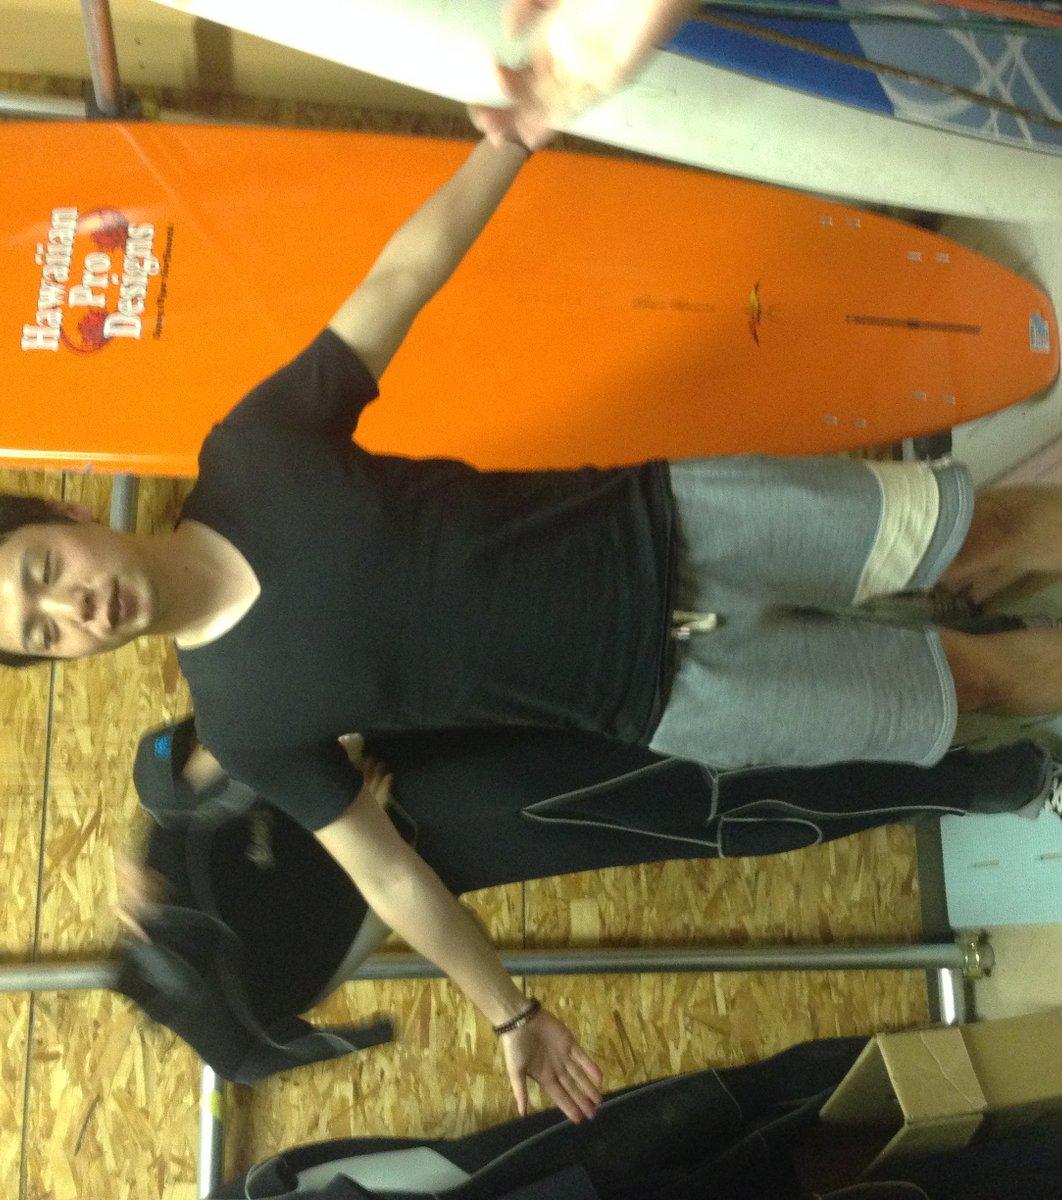 OASIS Surf&Relax (オアシス サーフ アンド リラックス)